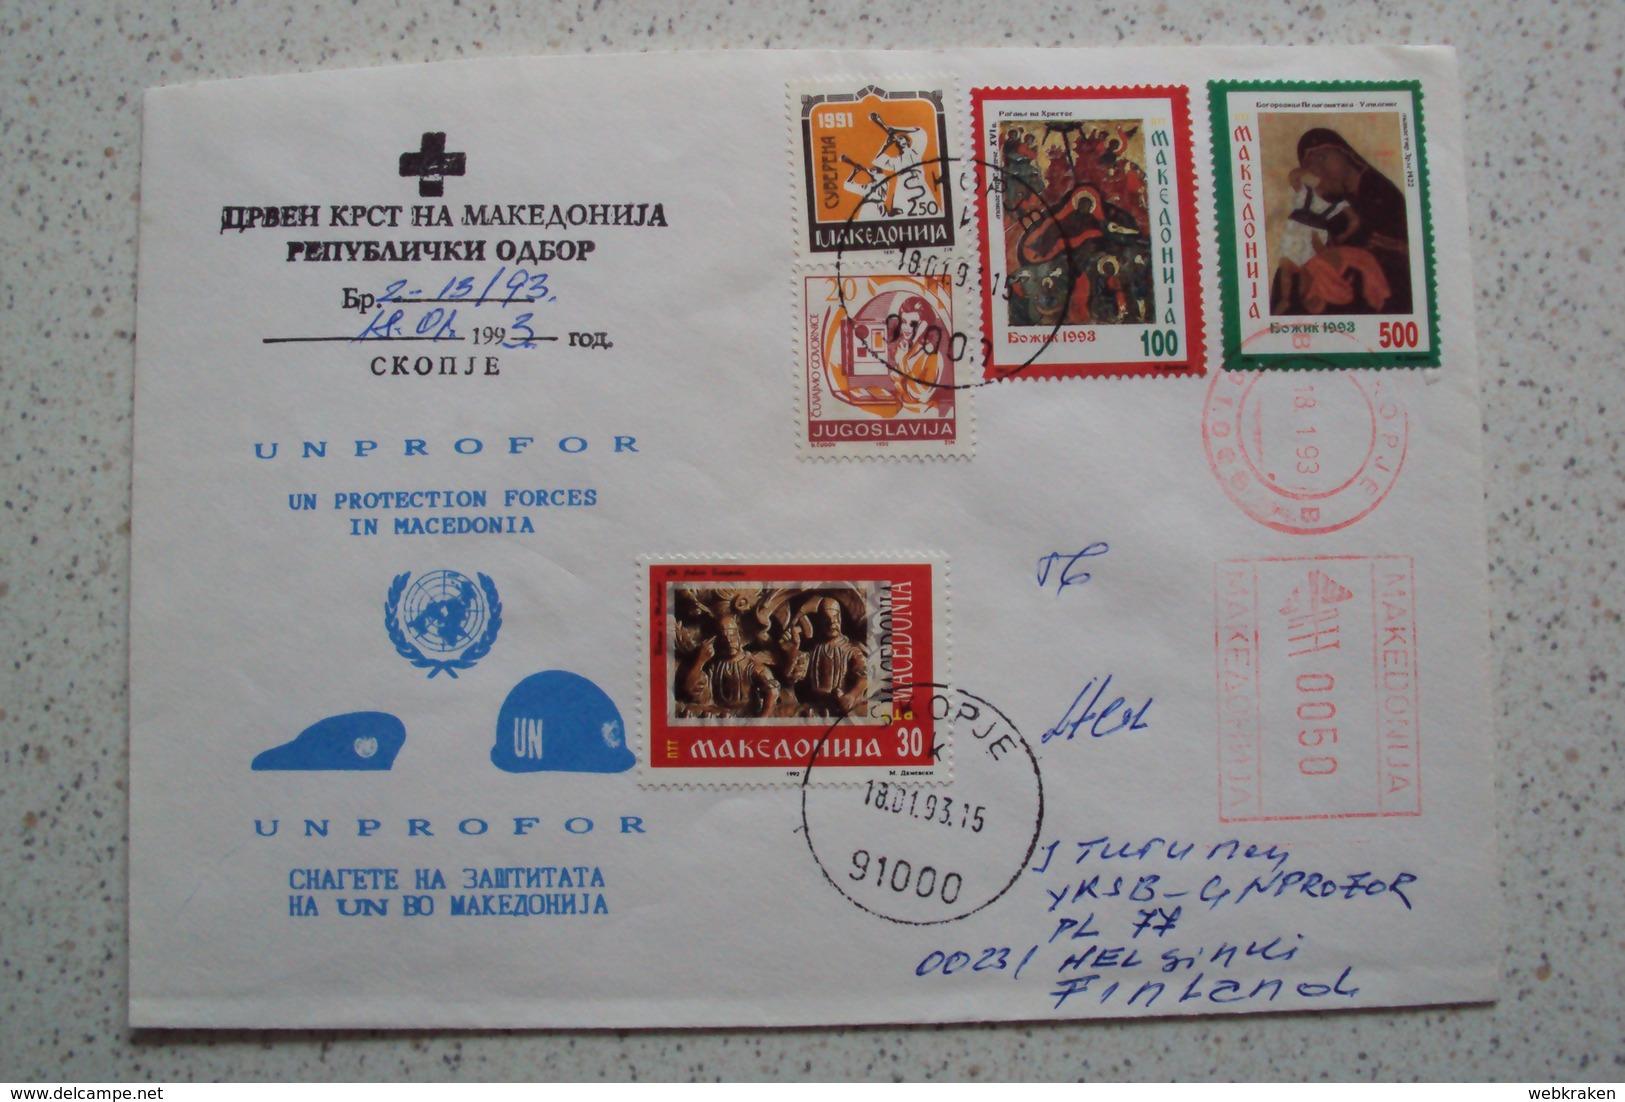 MISSIONI INTERNAZIONALI ONU NATO MISSIONE UNPROFOR BOSNIA DA SKOPJE MACEDONIA MACHEDOHNIA 1993 - Macedonia